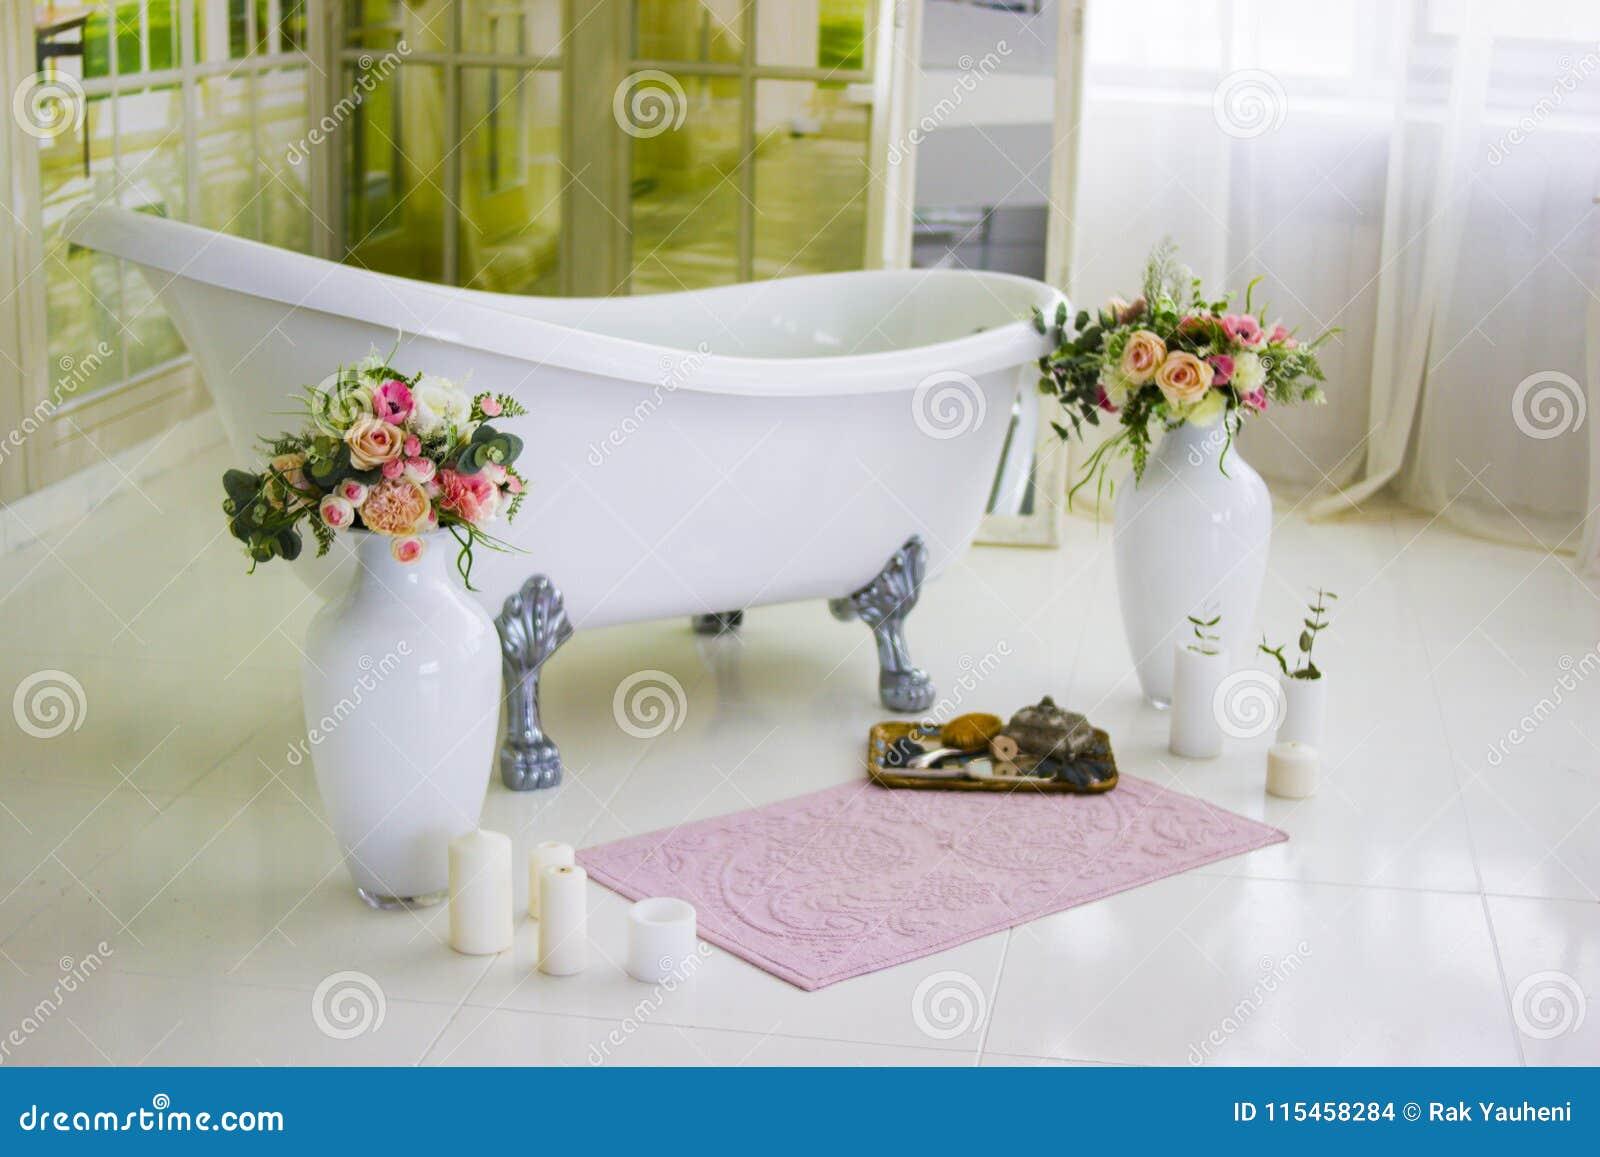 Bain Libre De Porcelaine Dans La Salle De Bains Blanche ...